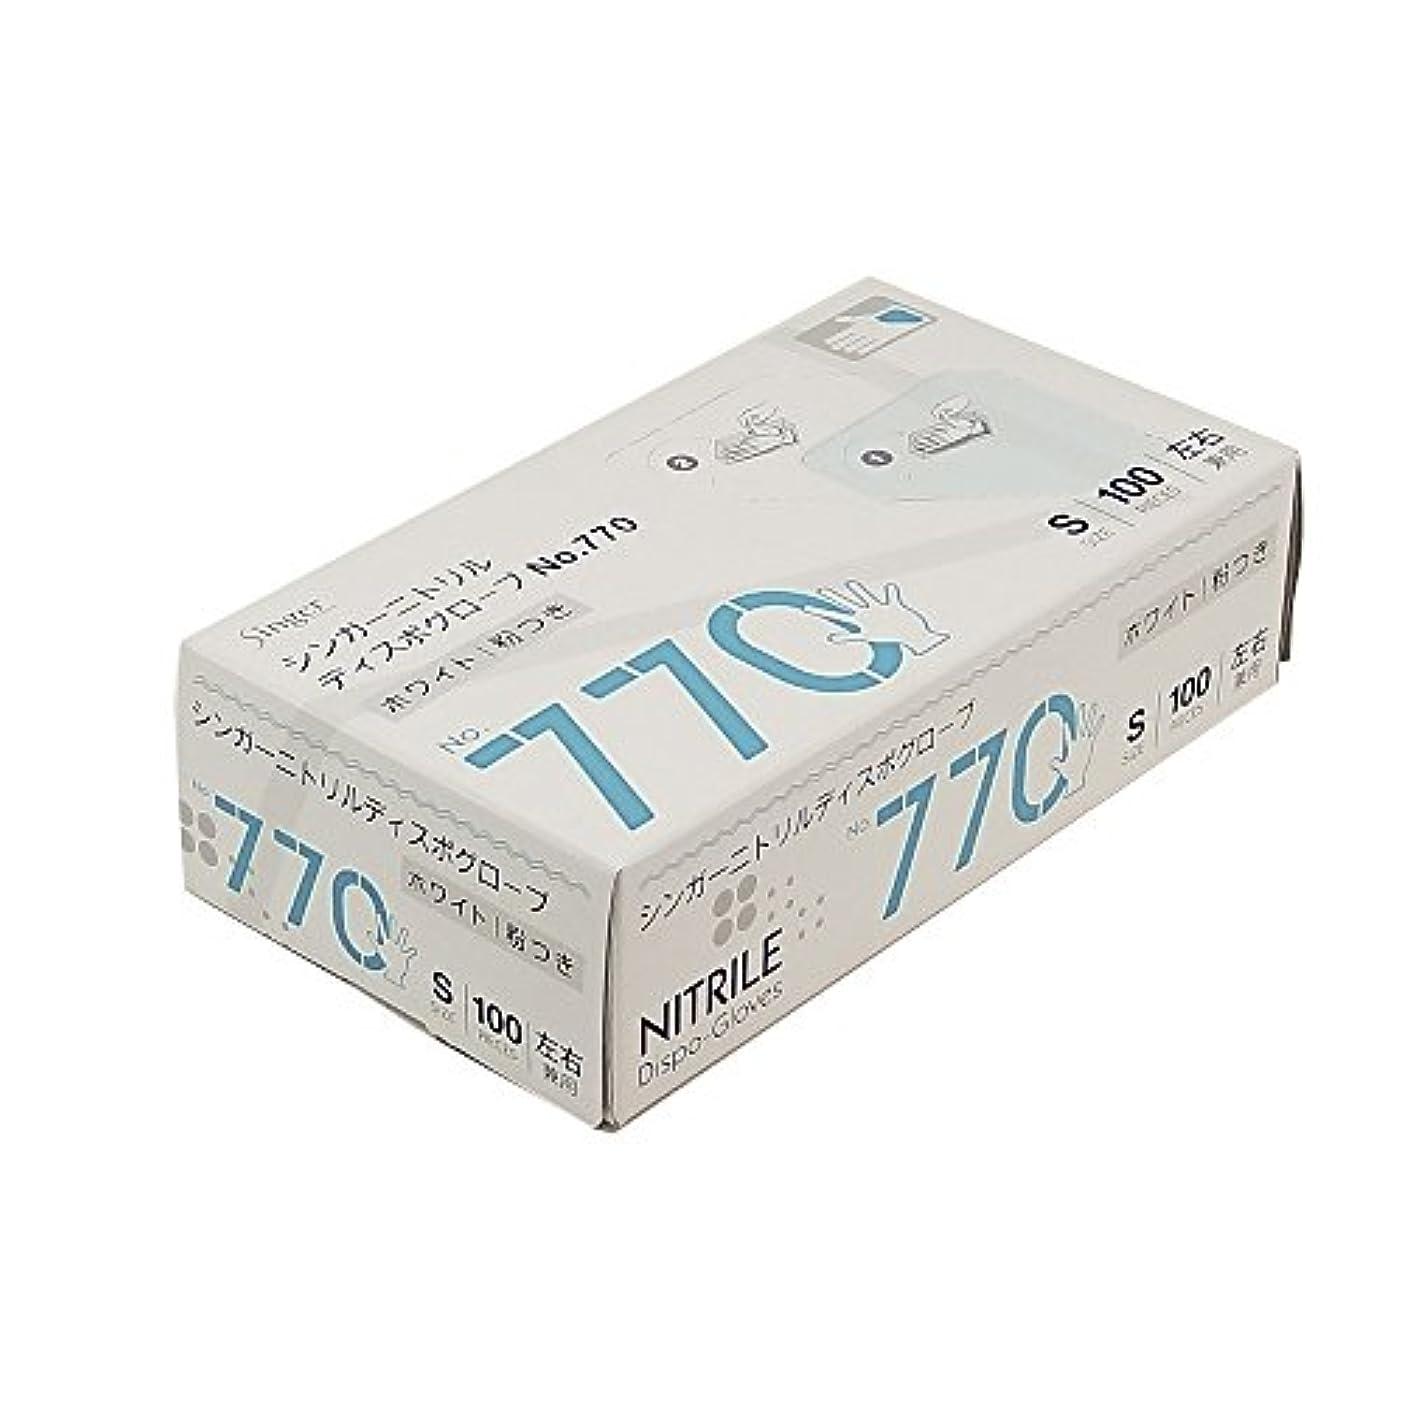 伝統的偽善者メカニック宇都宮製作 ディスポ手袋 シンガーニトリルディスポグローブ No.770 ホワイト 粉付 100枚入  S